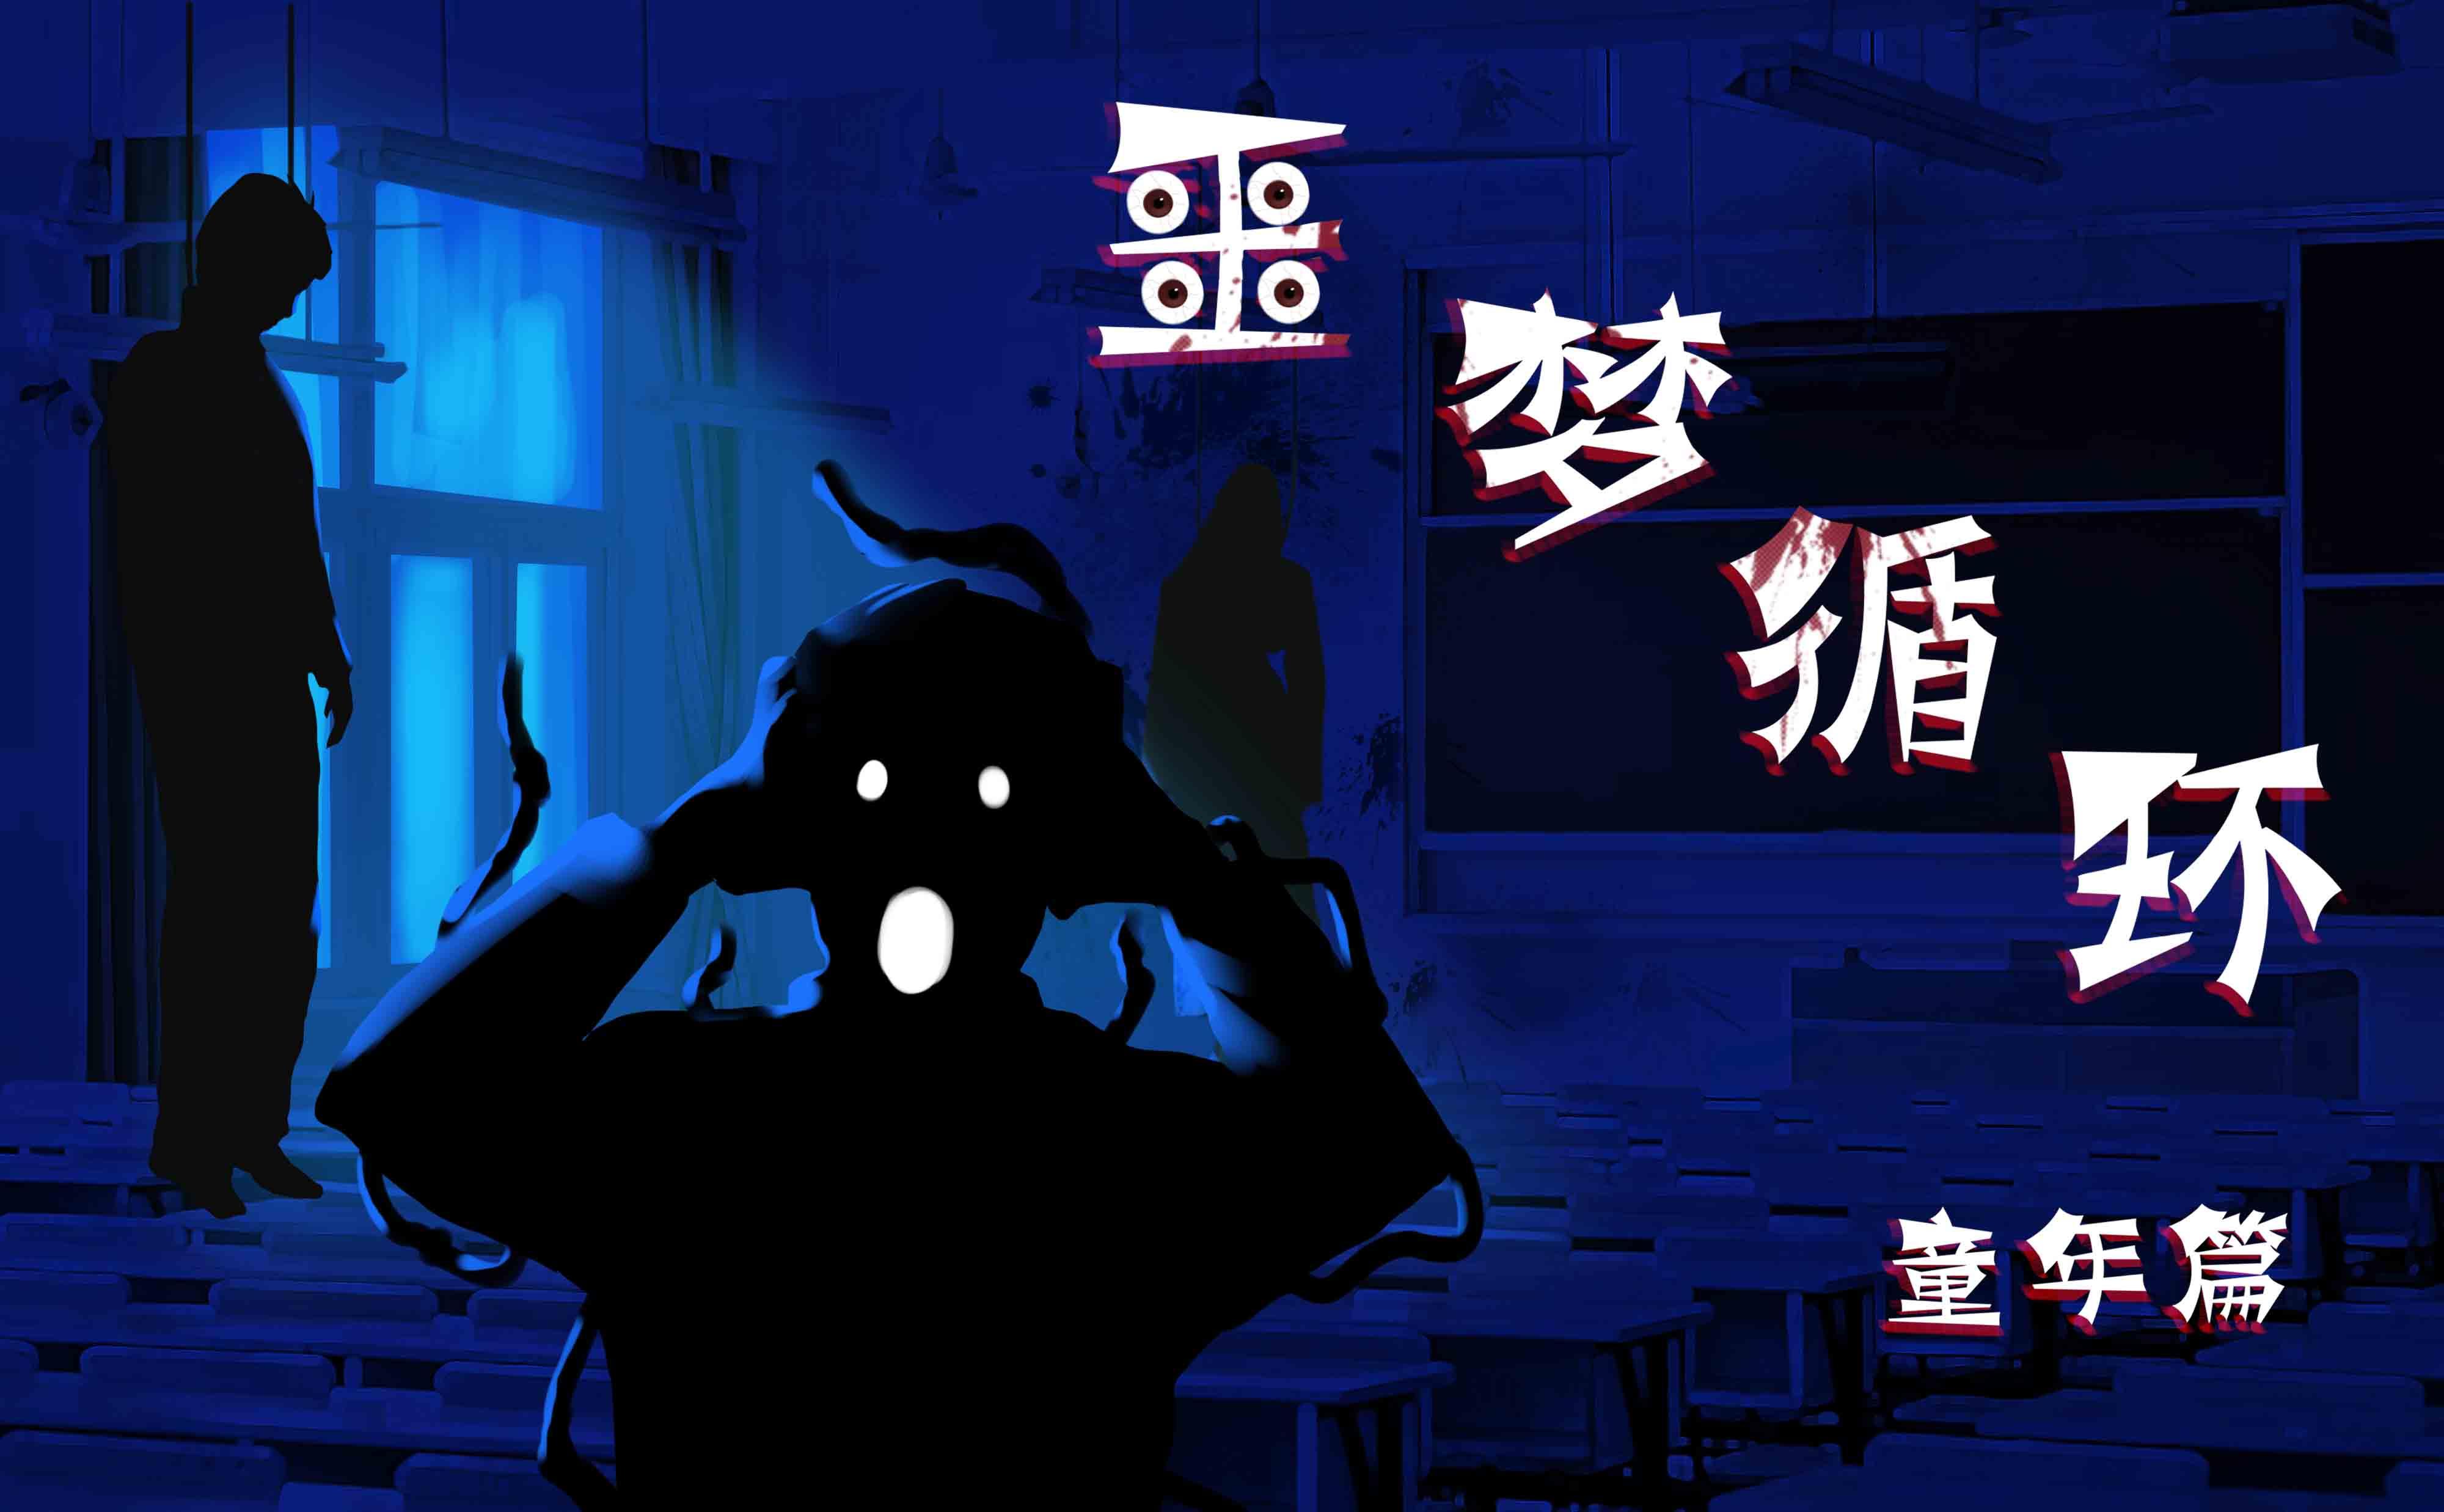 《噩梦循环——童年篇》剧本杀资料_故事背景_角色简介_玩家点评_复盘解析